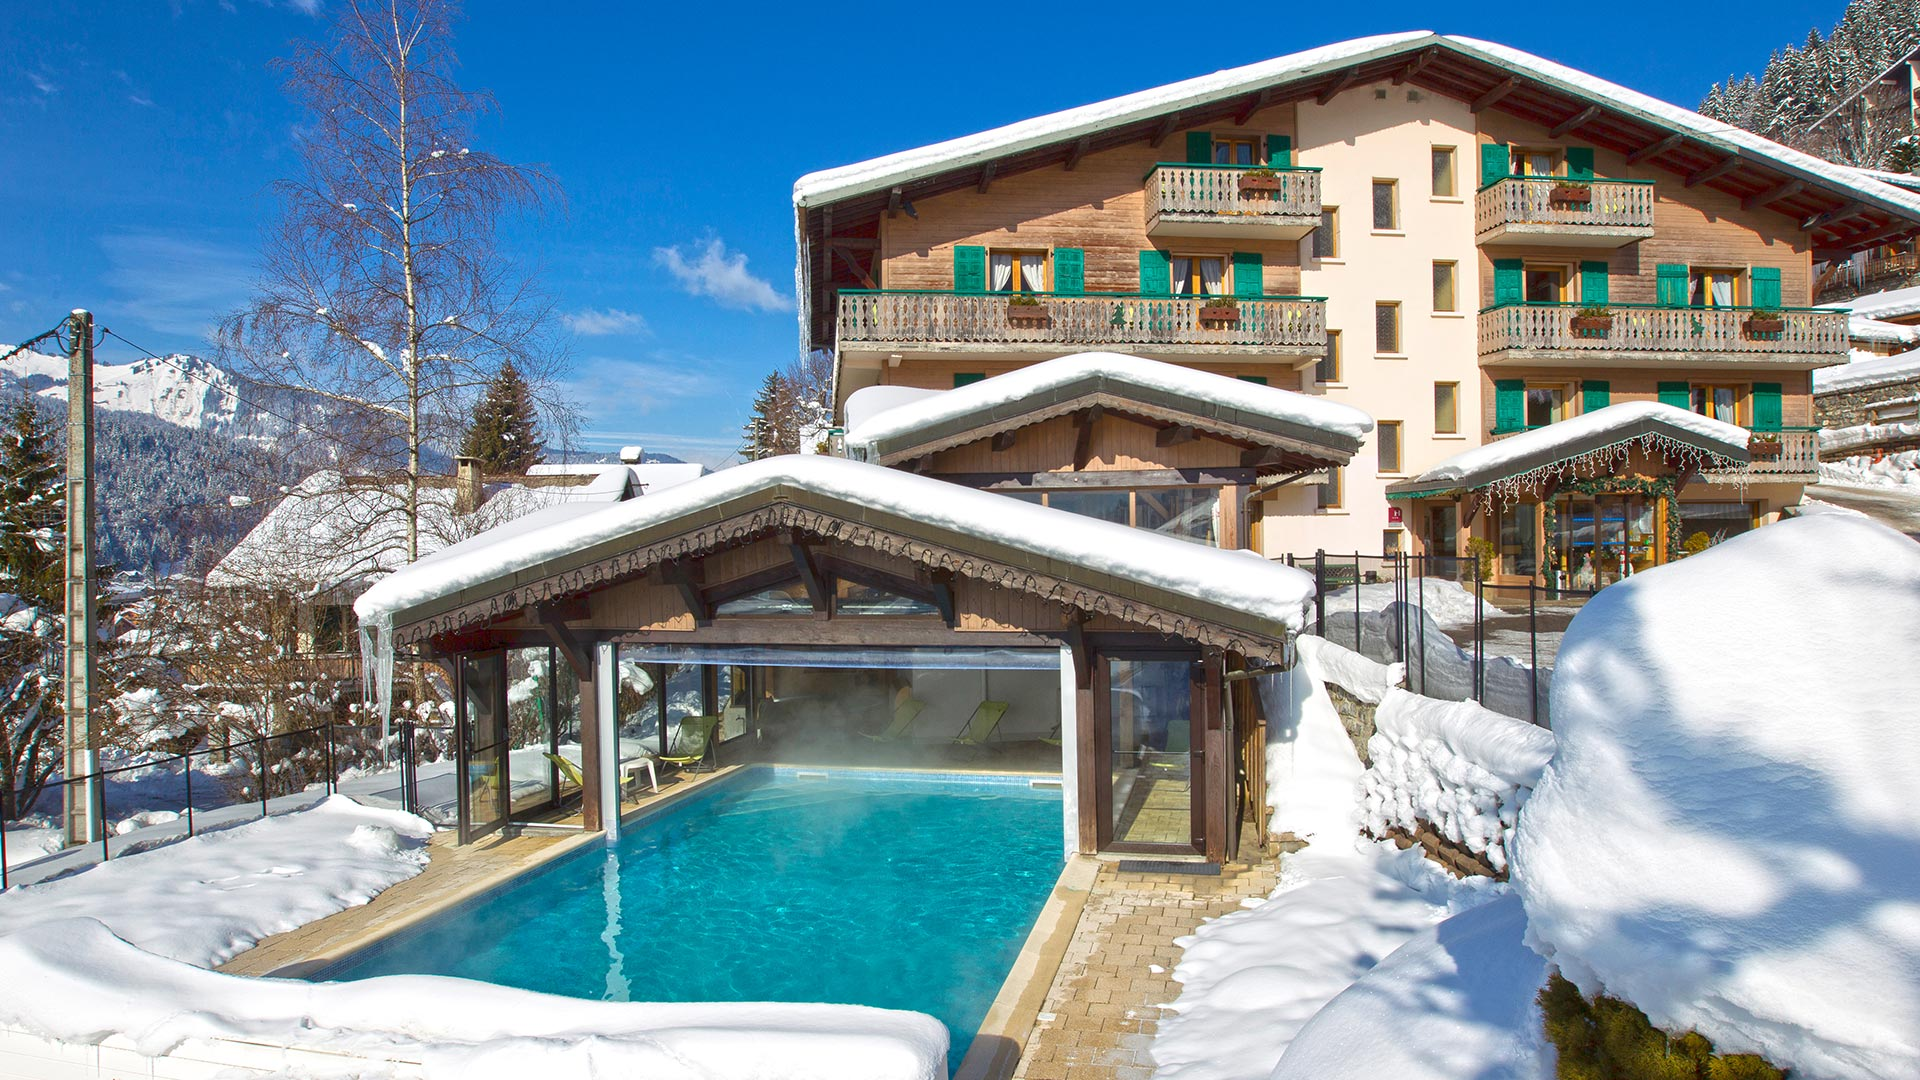 Hotel Hermine Blanche